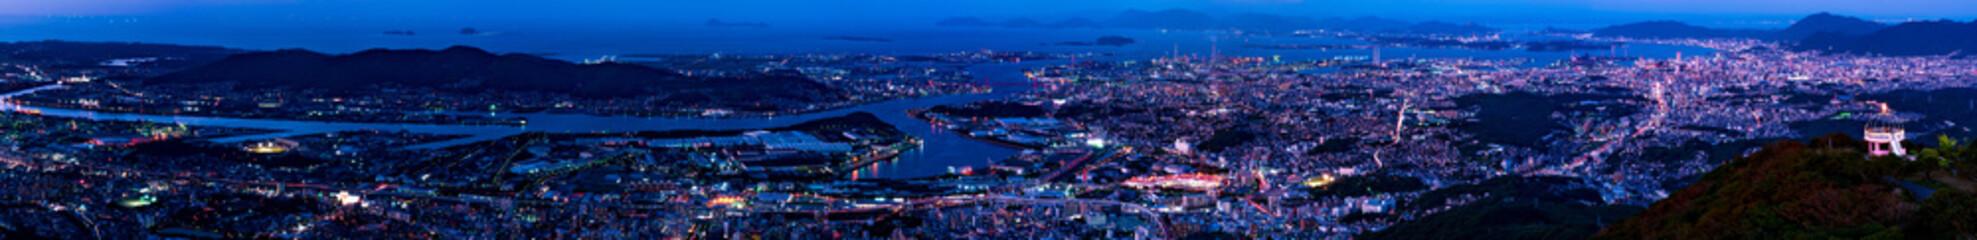 新日本三大夜景パノラマ